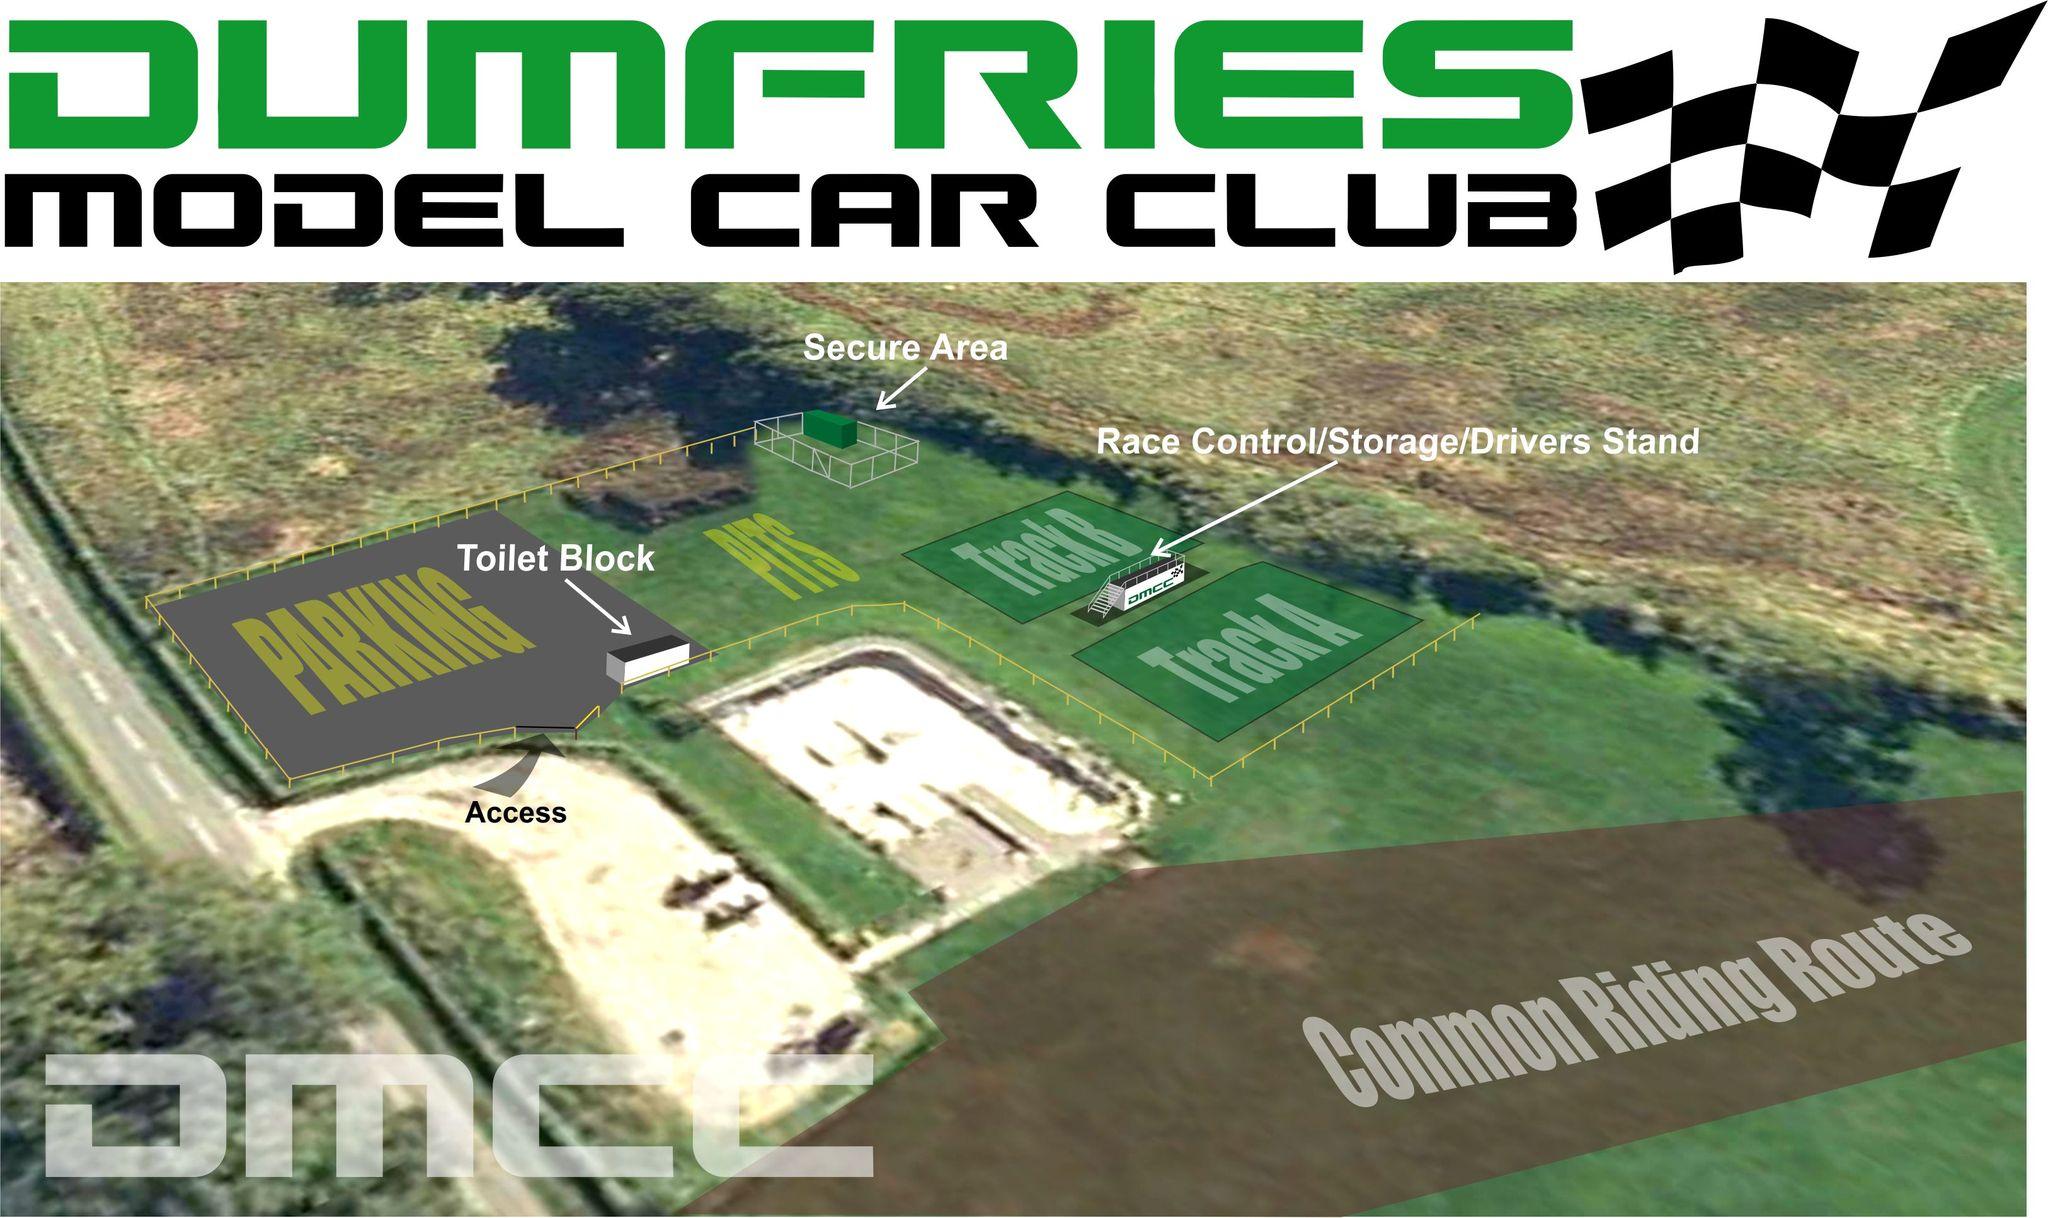 Dumfries Model Car Club Logo